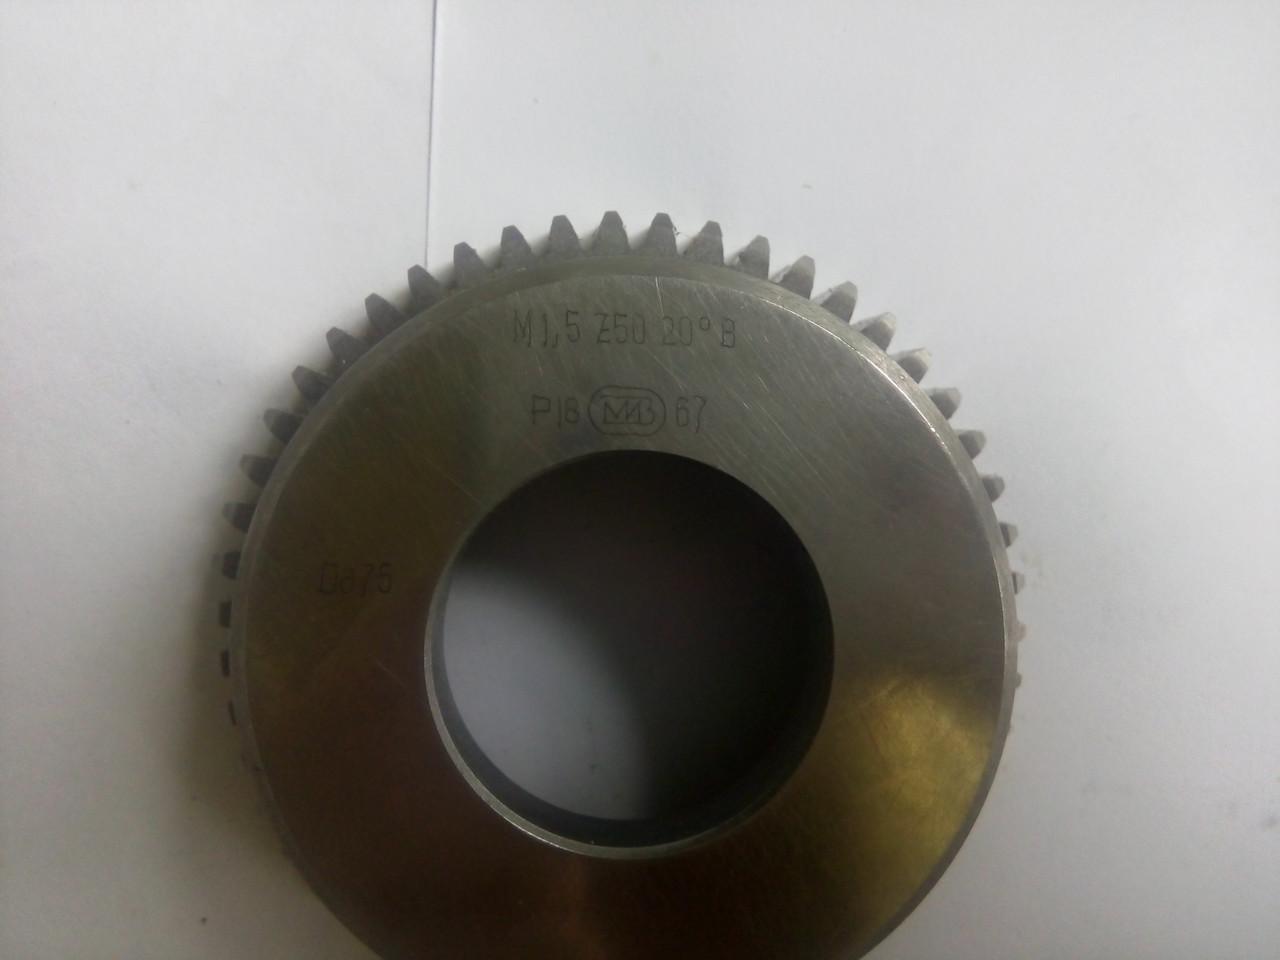 Долбяк чашечный М 1,5  z50  d20 град  P18  дел. диаметр75